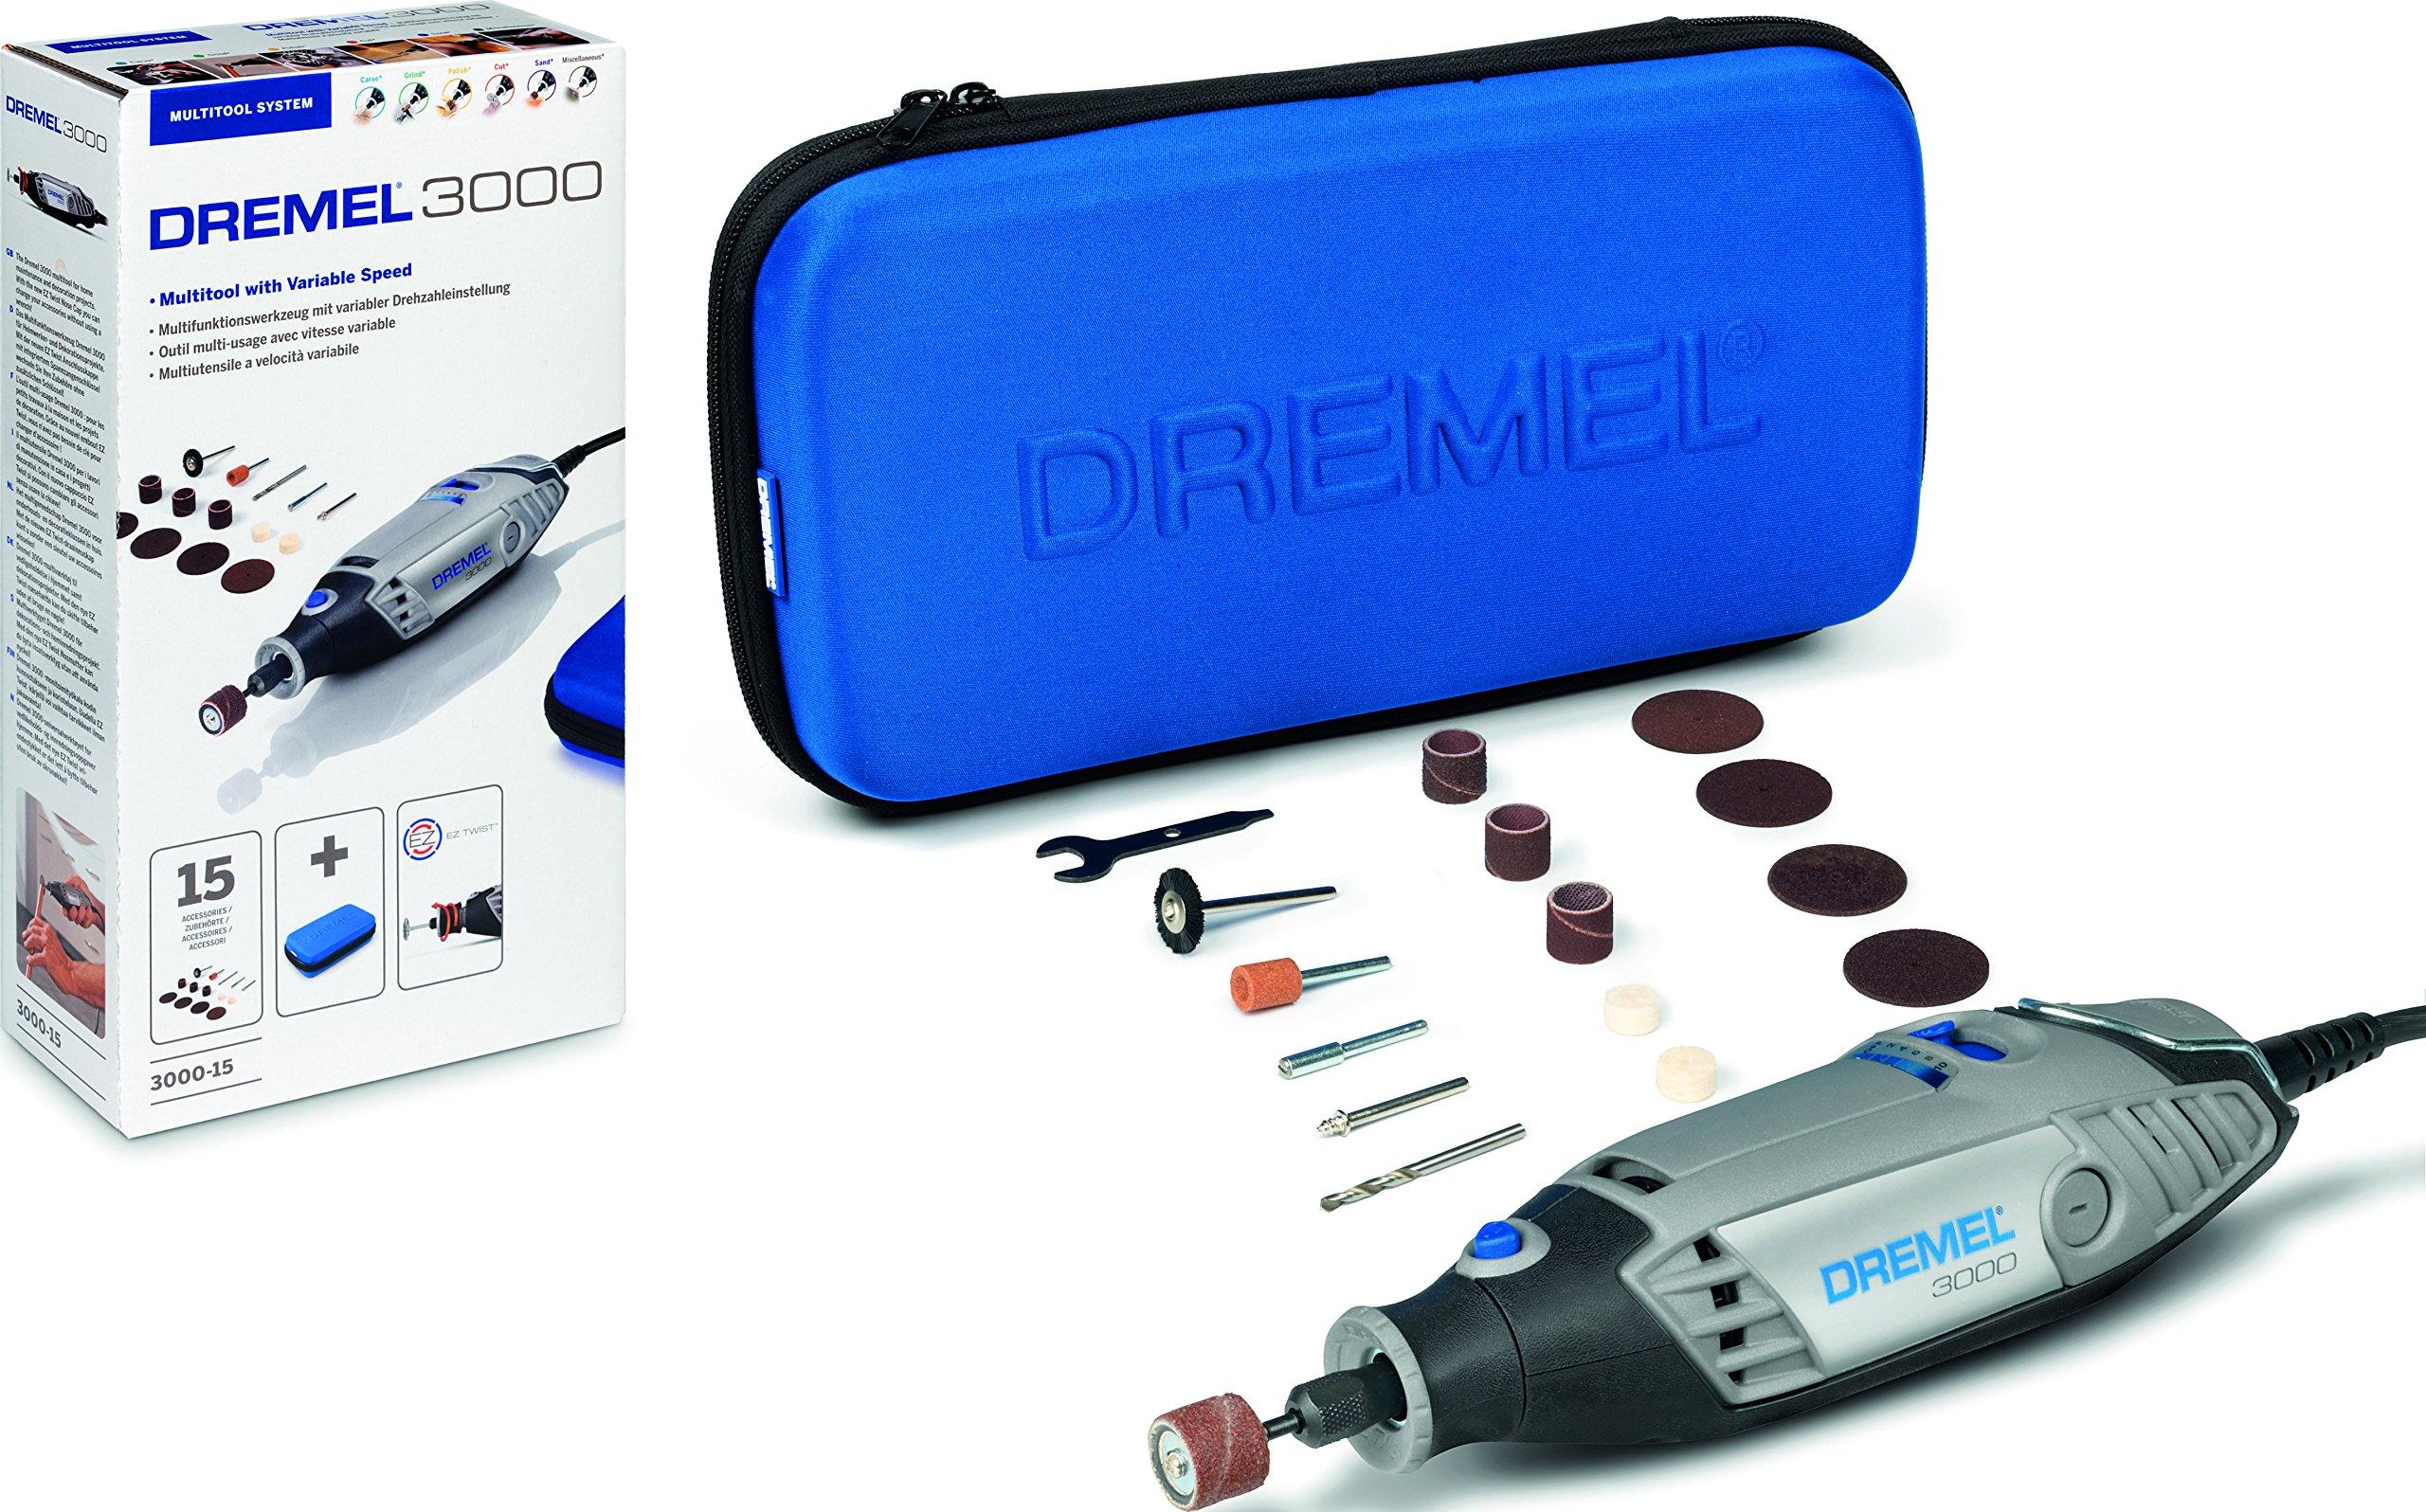 Dremel 3000 - Multiherramienta 130 W, kit con 15 accesorios y estuche, velocidad variable 10.000 - 33.000 rpm para tallar, grabar, fresar, amolar, limpiar, pulir, cortar y lijar: Amazon.es: Bricolaje y herramientas